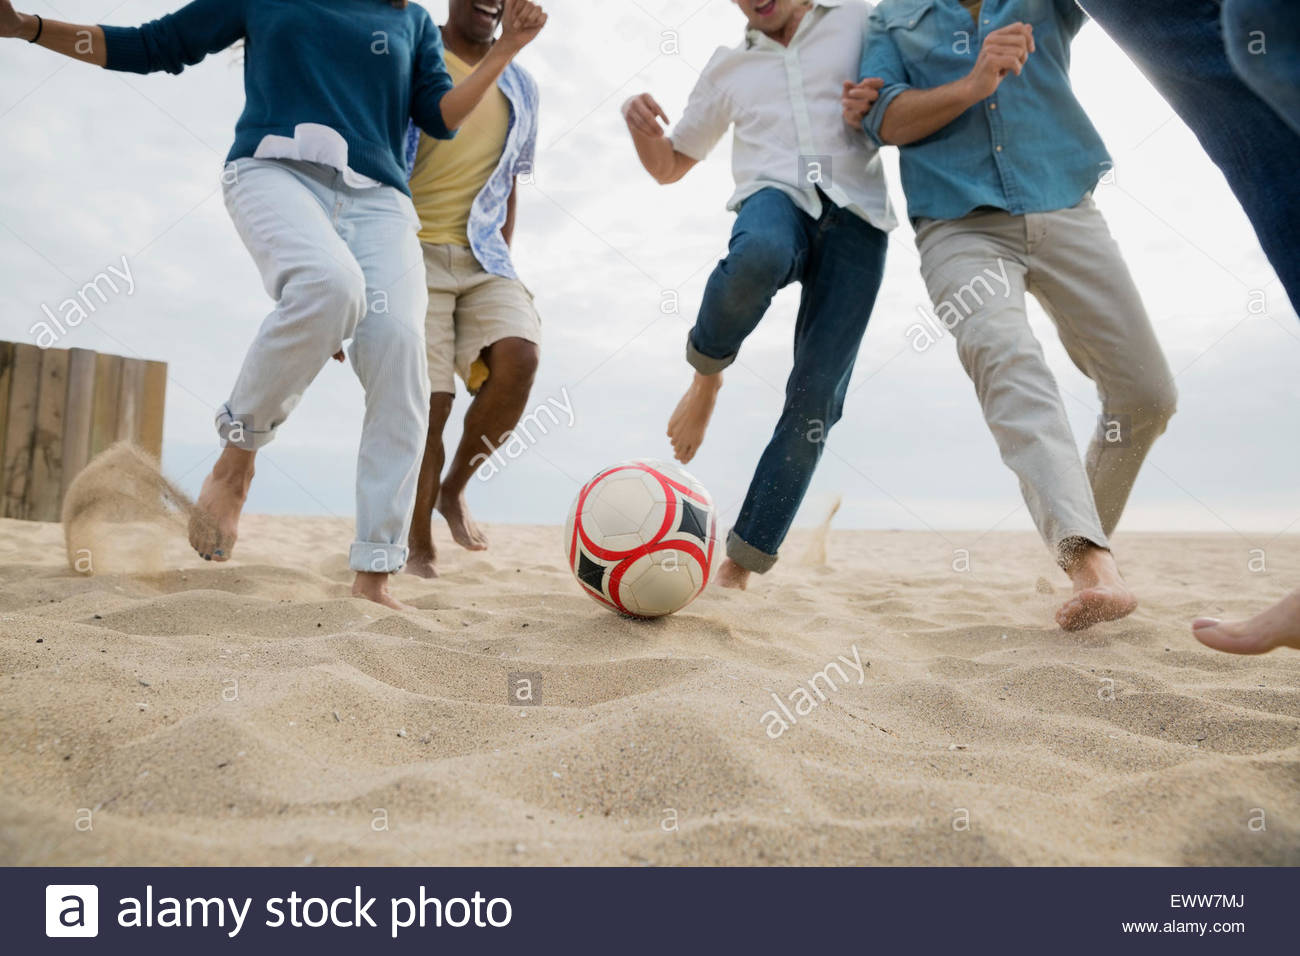 Gli amici che giocano a calcio sulla spiaggia Immagini Stock